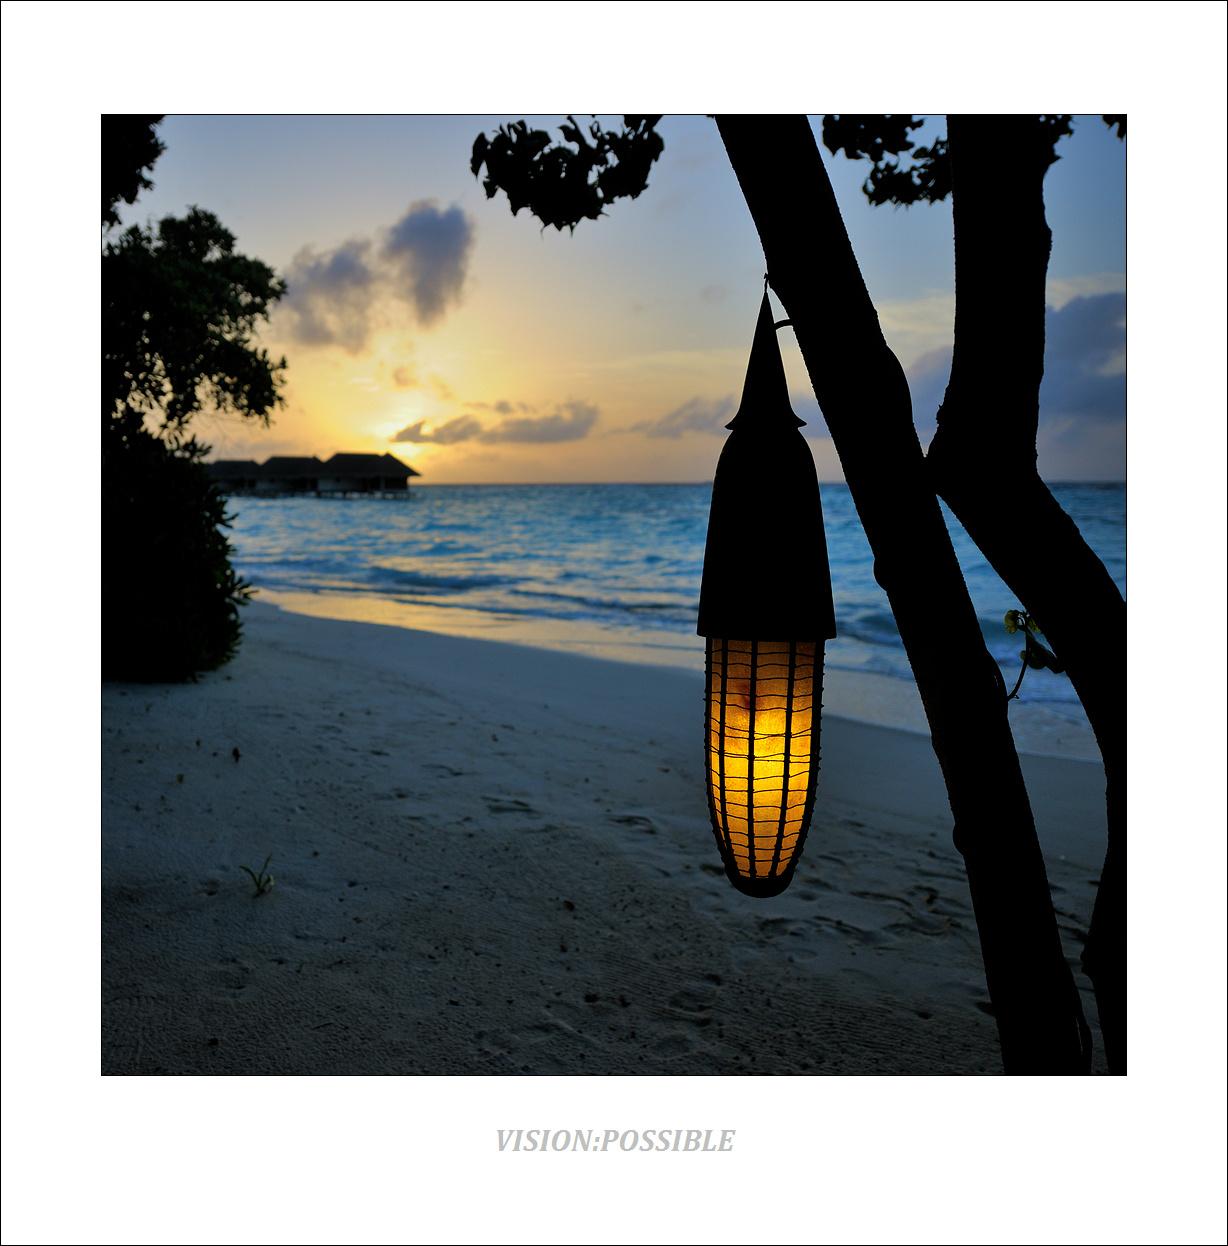 蓝色回忆--马尔代夫兰达吉拉瓦鲁岛